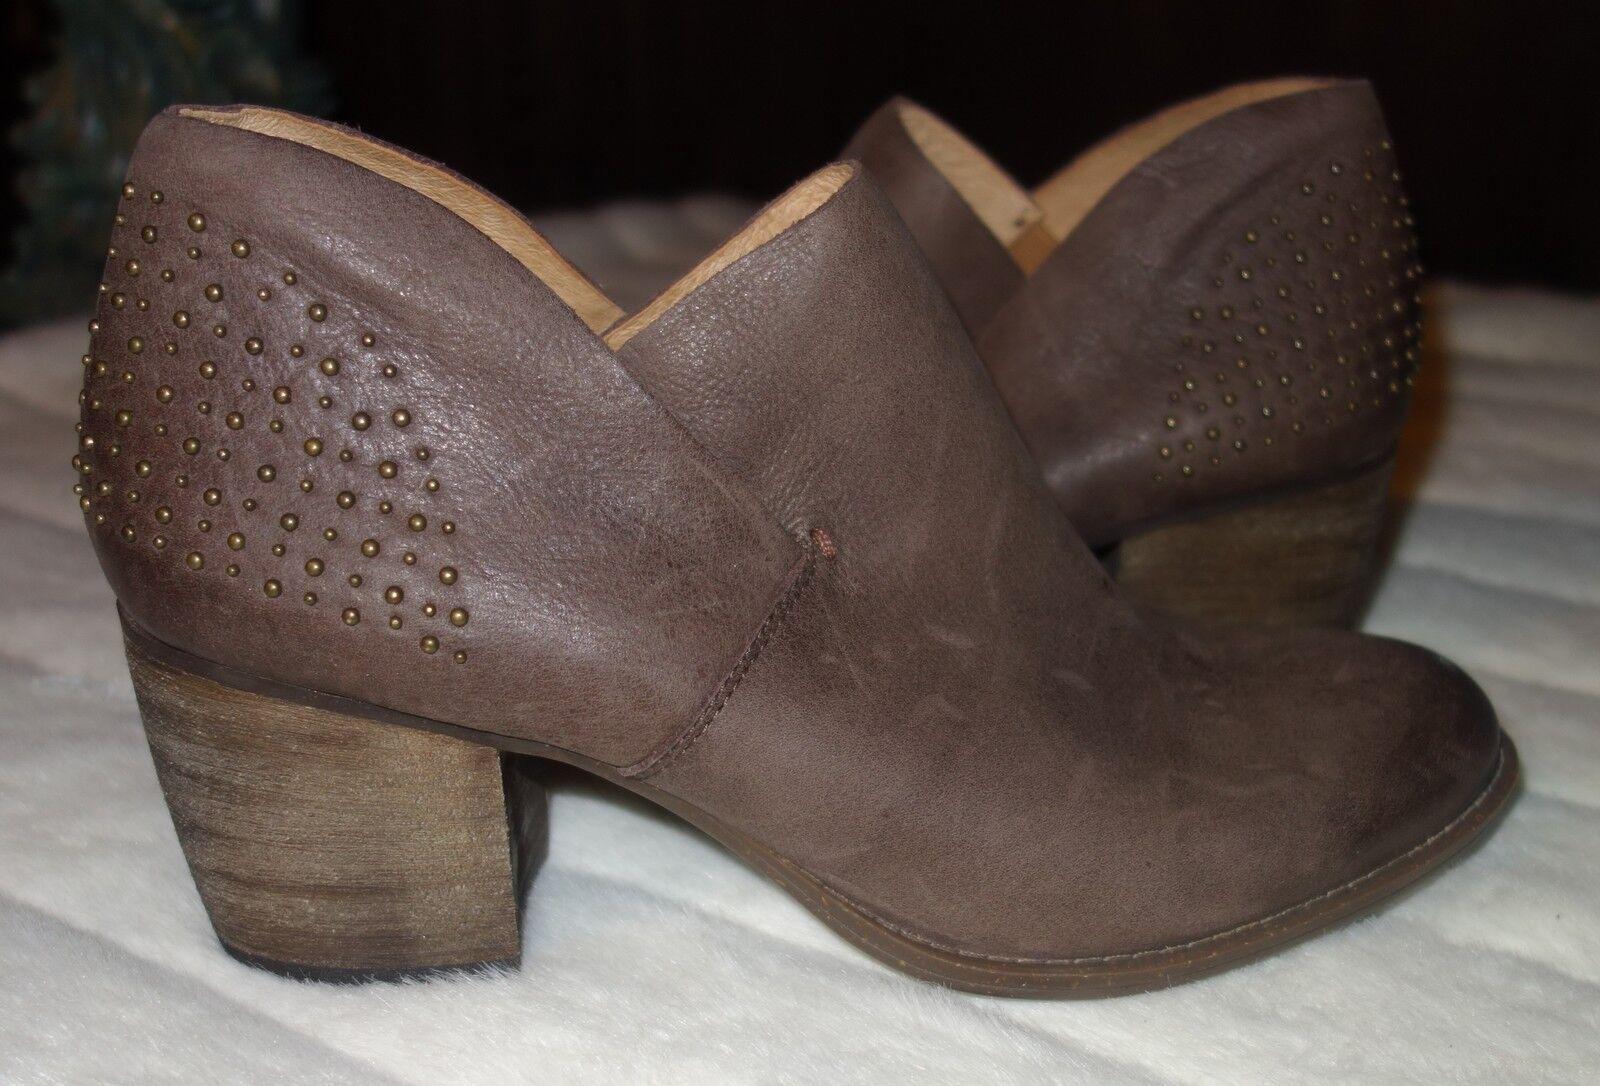 Naya Naya Naya  Valerie  botas De Cuero Con Tachas Botines Talla 11 M Nuevo  alta calidad general